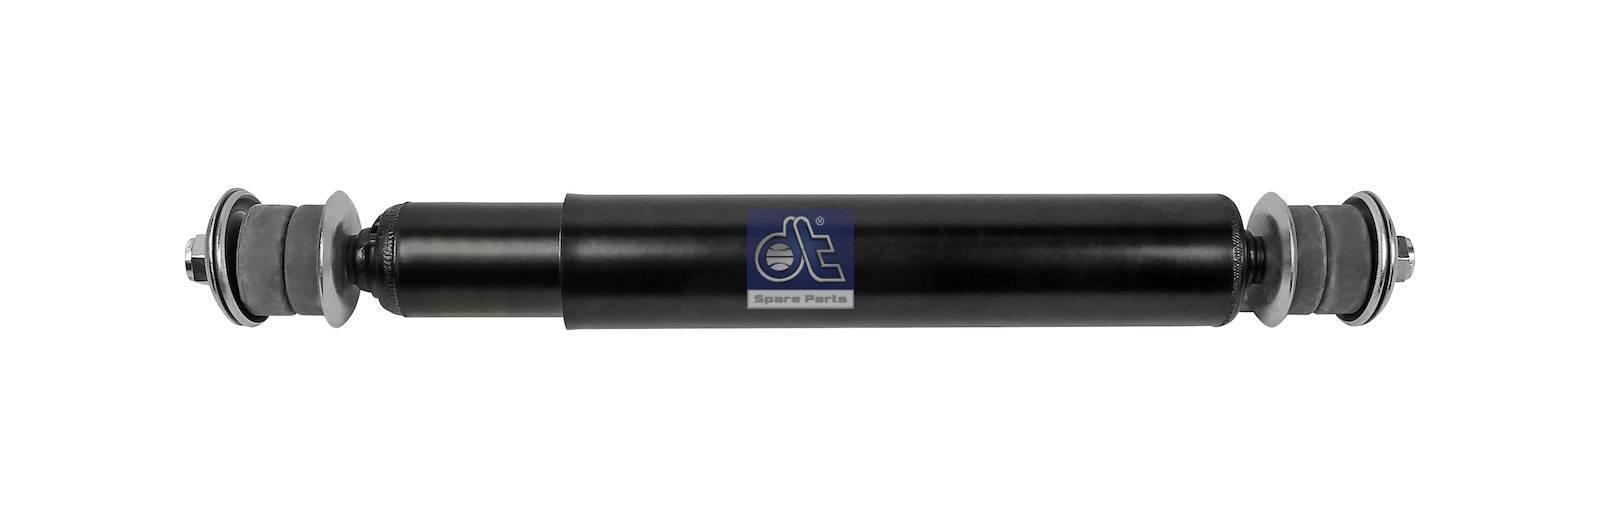 dt shock absorber 1407070 suitable for daf. Black Bedroom Furniture Sets. Home Design Ideas